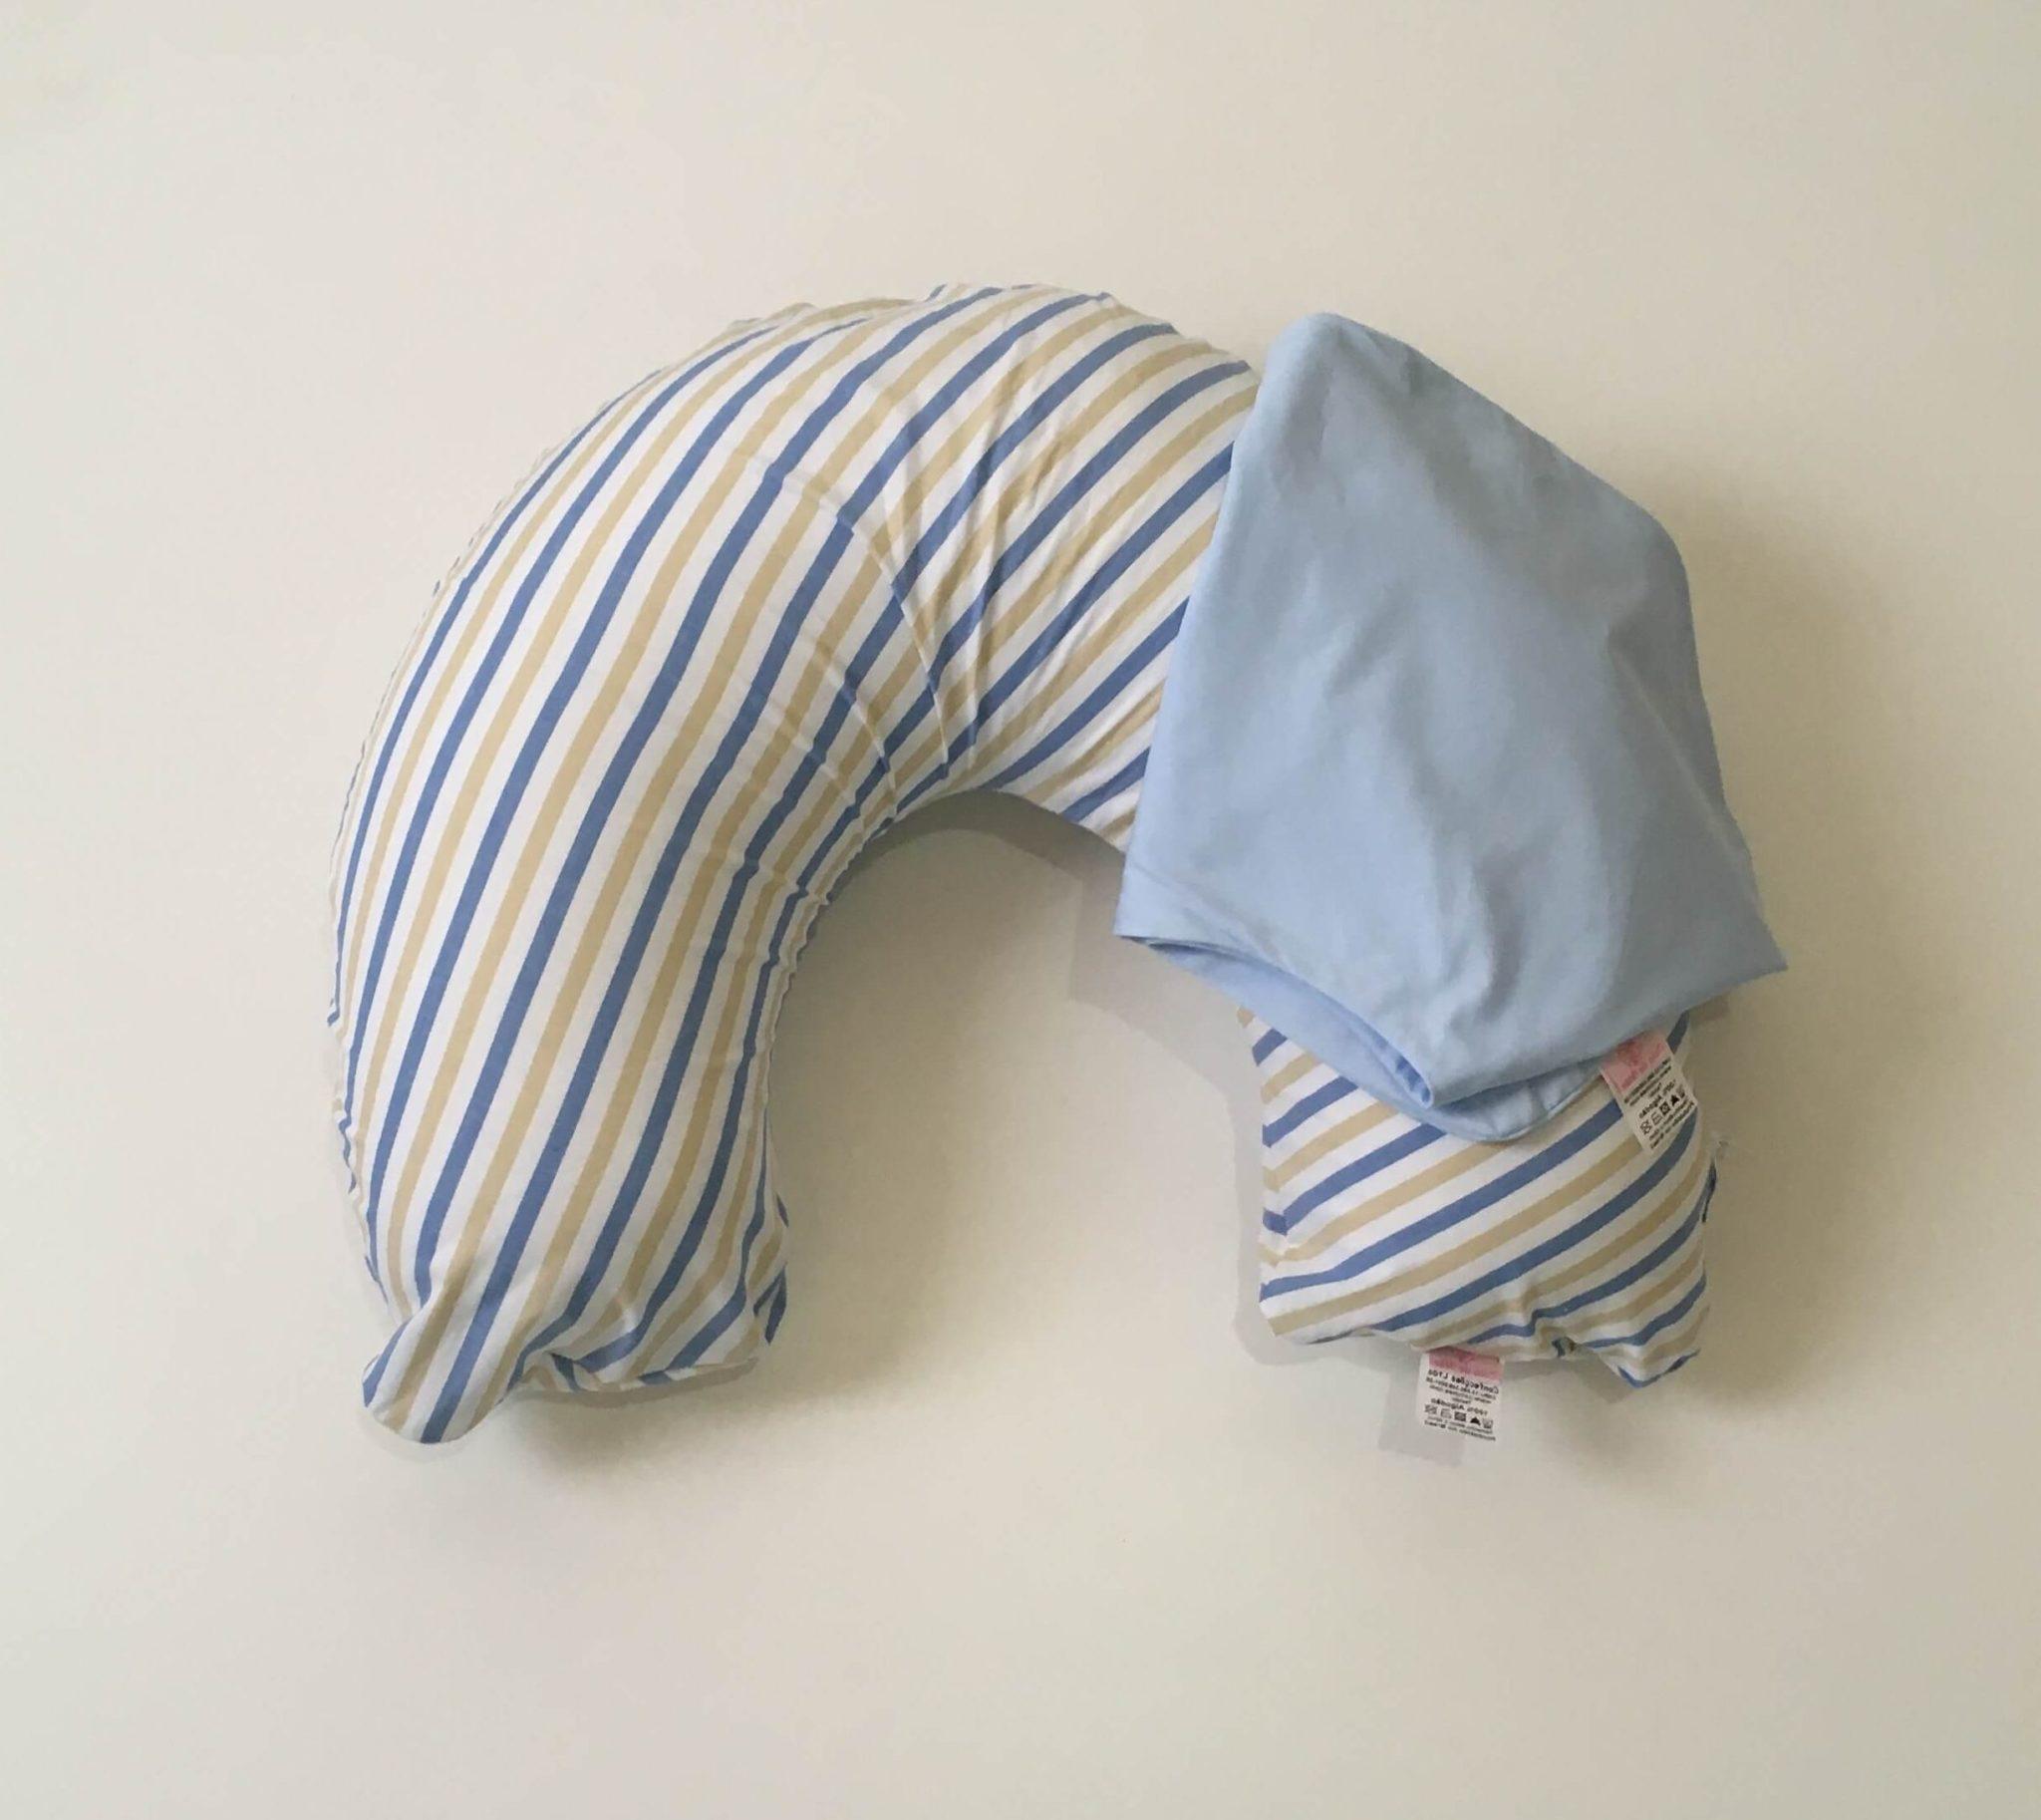 Almofada De Amamentação – Listras Azul, Bege Branco + Capa Extra Azul